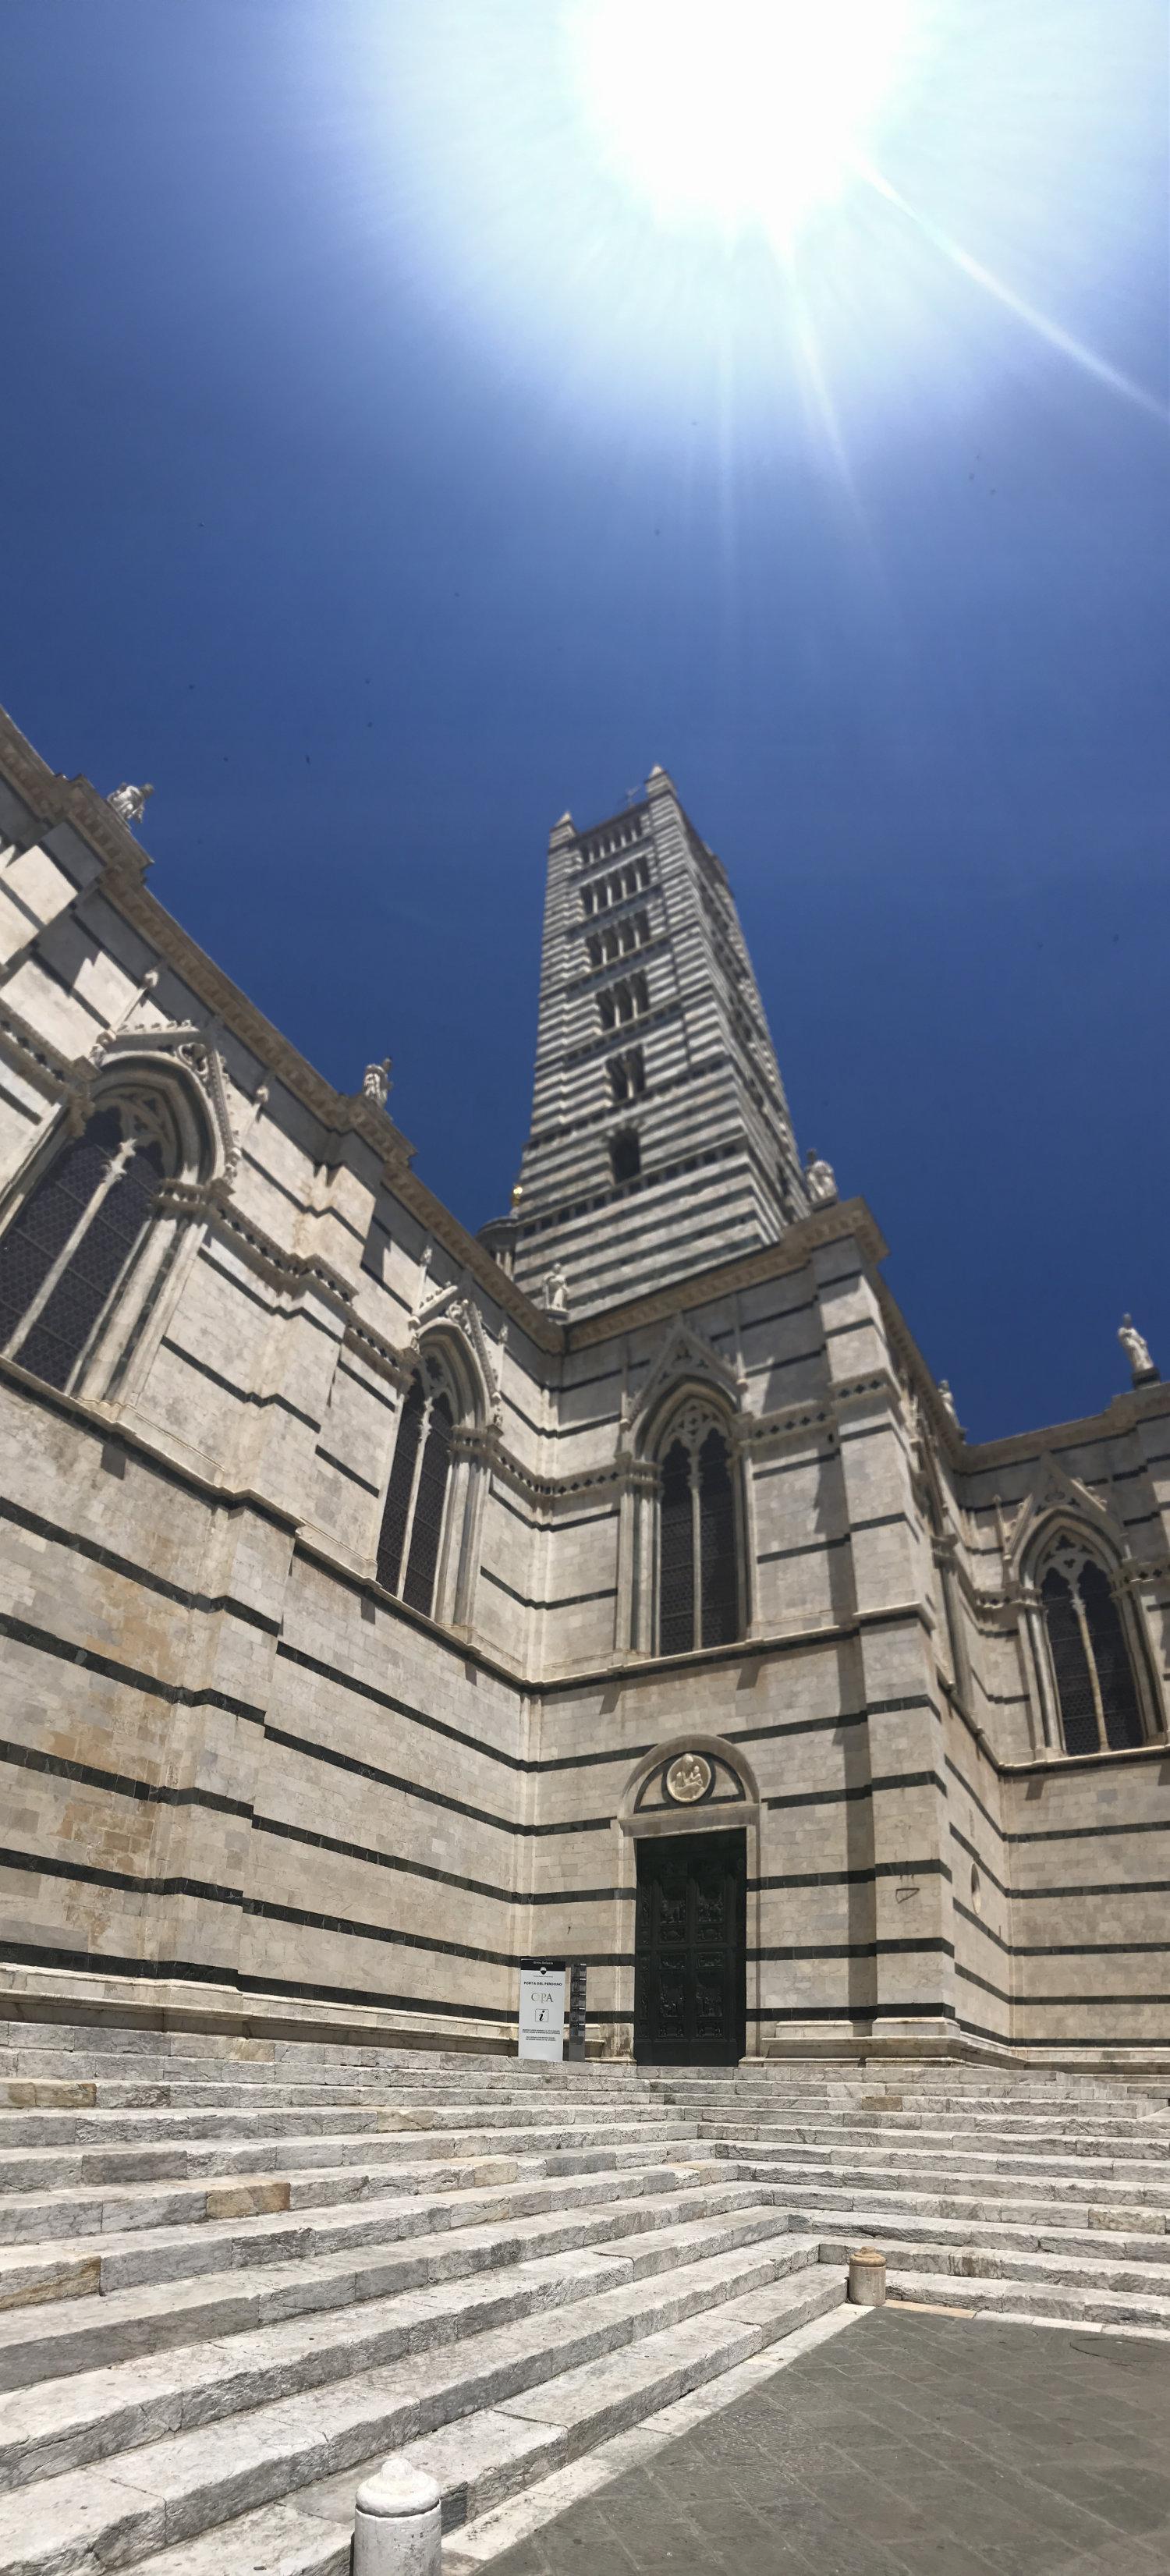 Siena's Duomo Tower